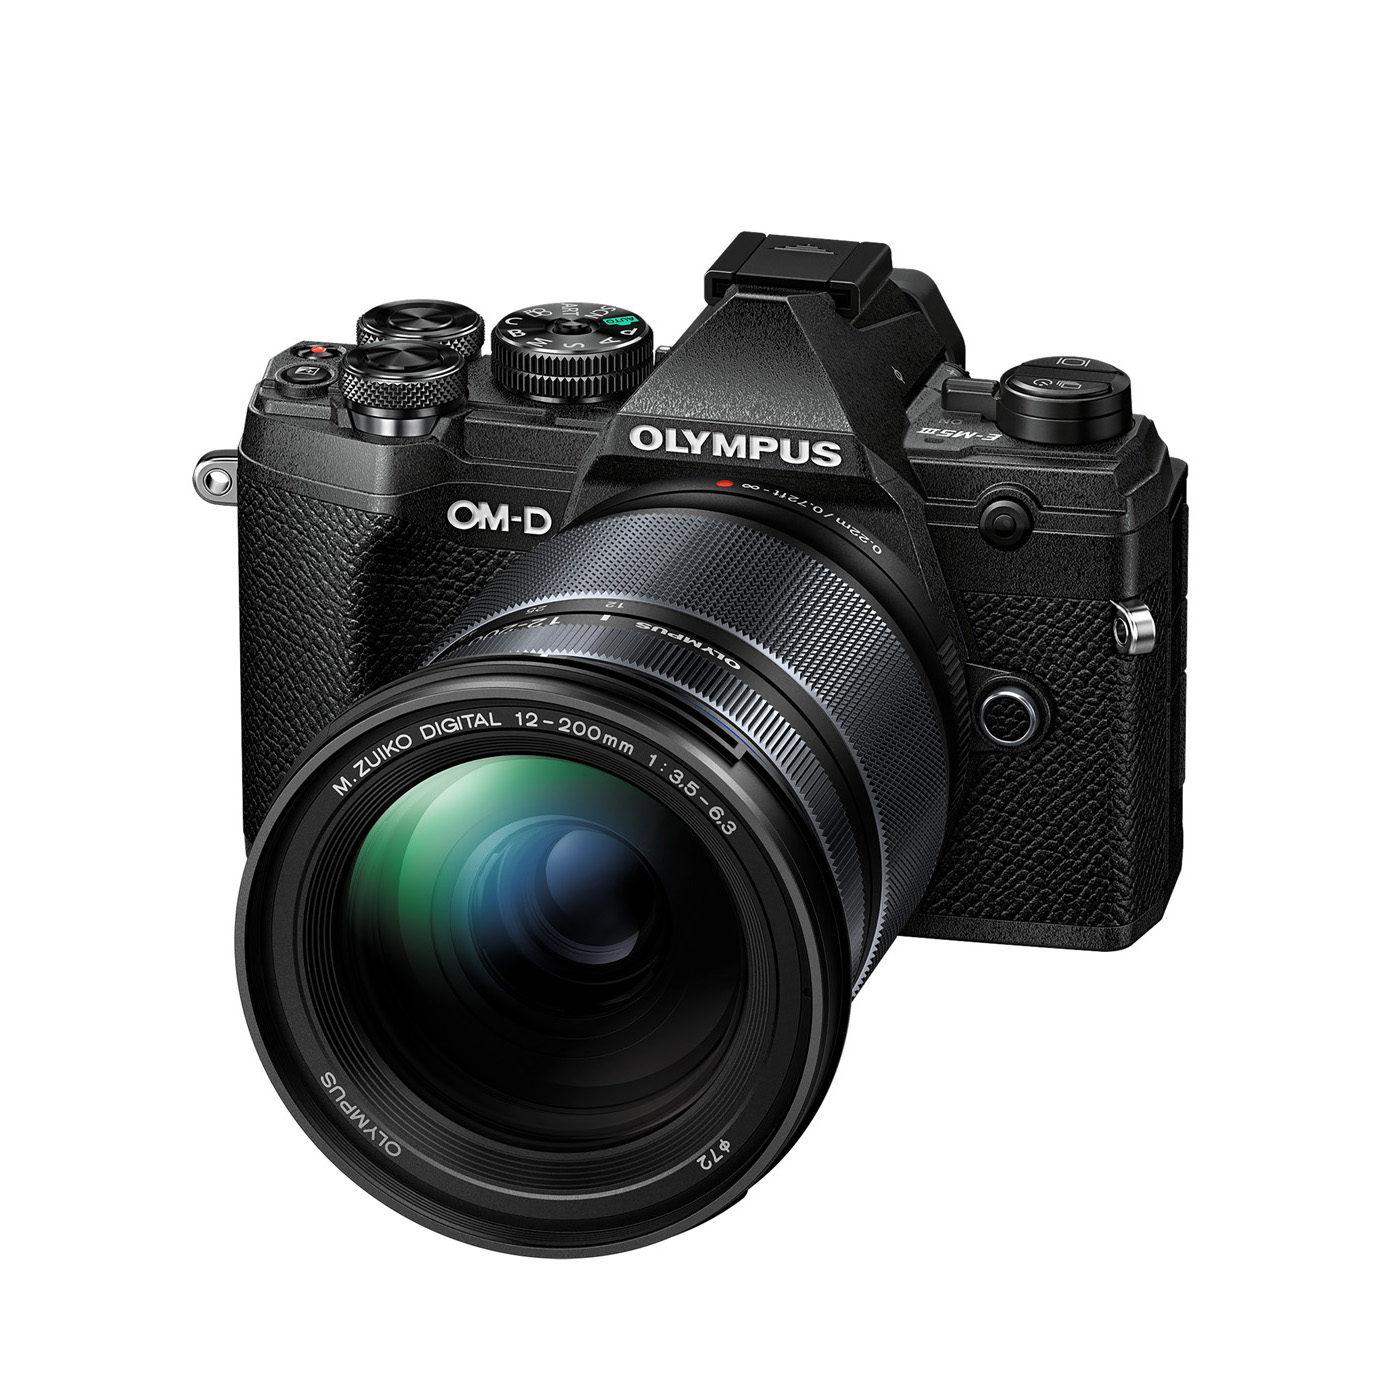 Olympus OM-D E-M5 Mark III systeemcamera Zwart + 12-200mm <br/>€ 1799.00 <br/> <a href='https://www.cameranu.nl/fotografie/?tt=12190_474631_241358_&r=https%3A%2F%2Fwww.cameranu.nl%2Fnl%2Fp3130132%2Folympus-om-d-e-m5-mark-iii-systeemcamera-zwart-12-200mm%3Fchannable%3De10841.MzEzMDEzMg%26utm_campaign%3D%26utm_content%3DOM-D%2Bserie%26utm_source%3DTradetracker%26utm_medium%3Dcpc%26utm_term%3DDigitale%2Bcamera%26apos%3Bs' target='_blank'>naar de winkel</a>